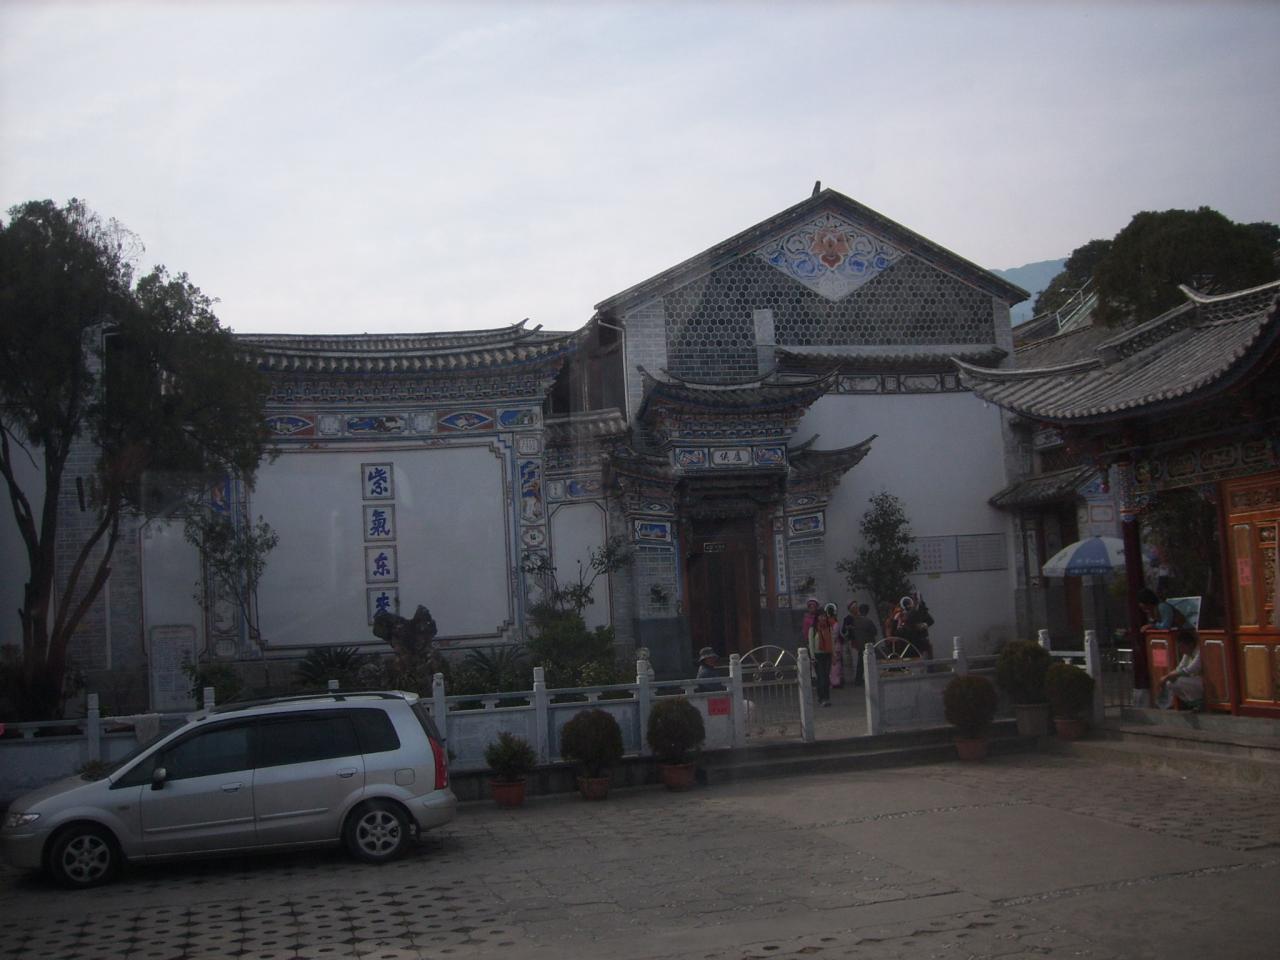 白族文化-------参观白族民居品尝三道茶 - 随缘 - 隨緣